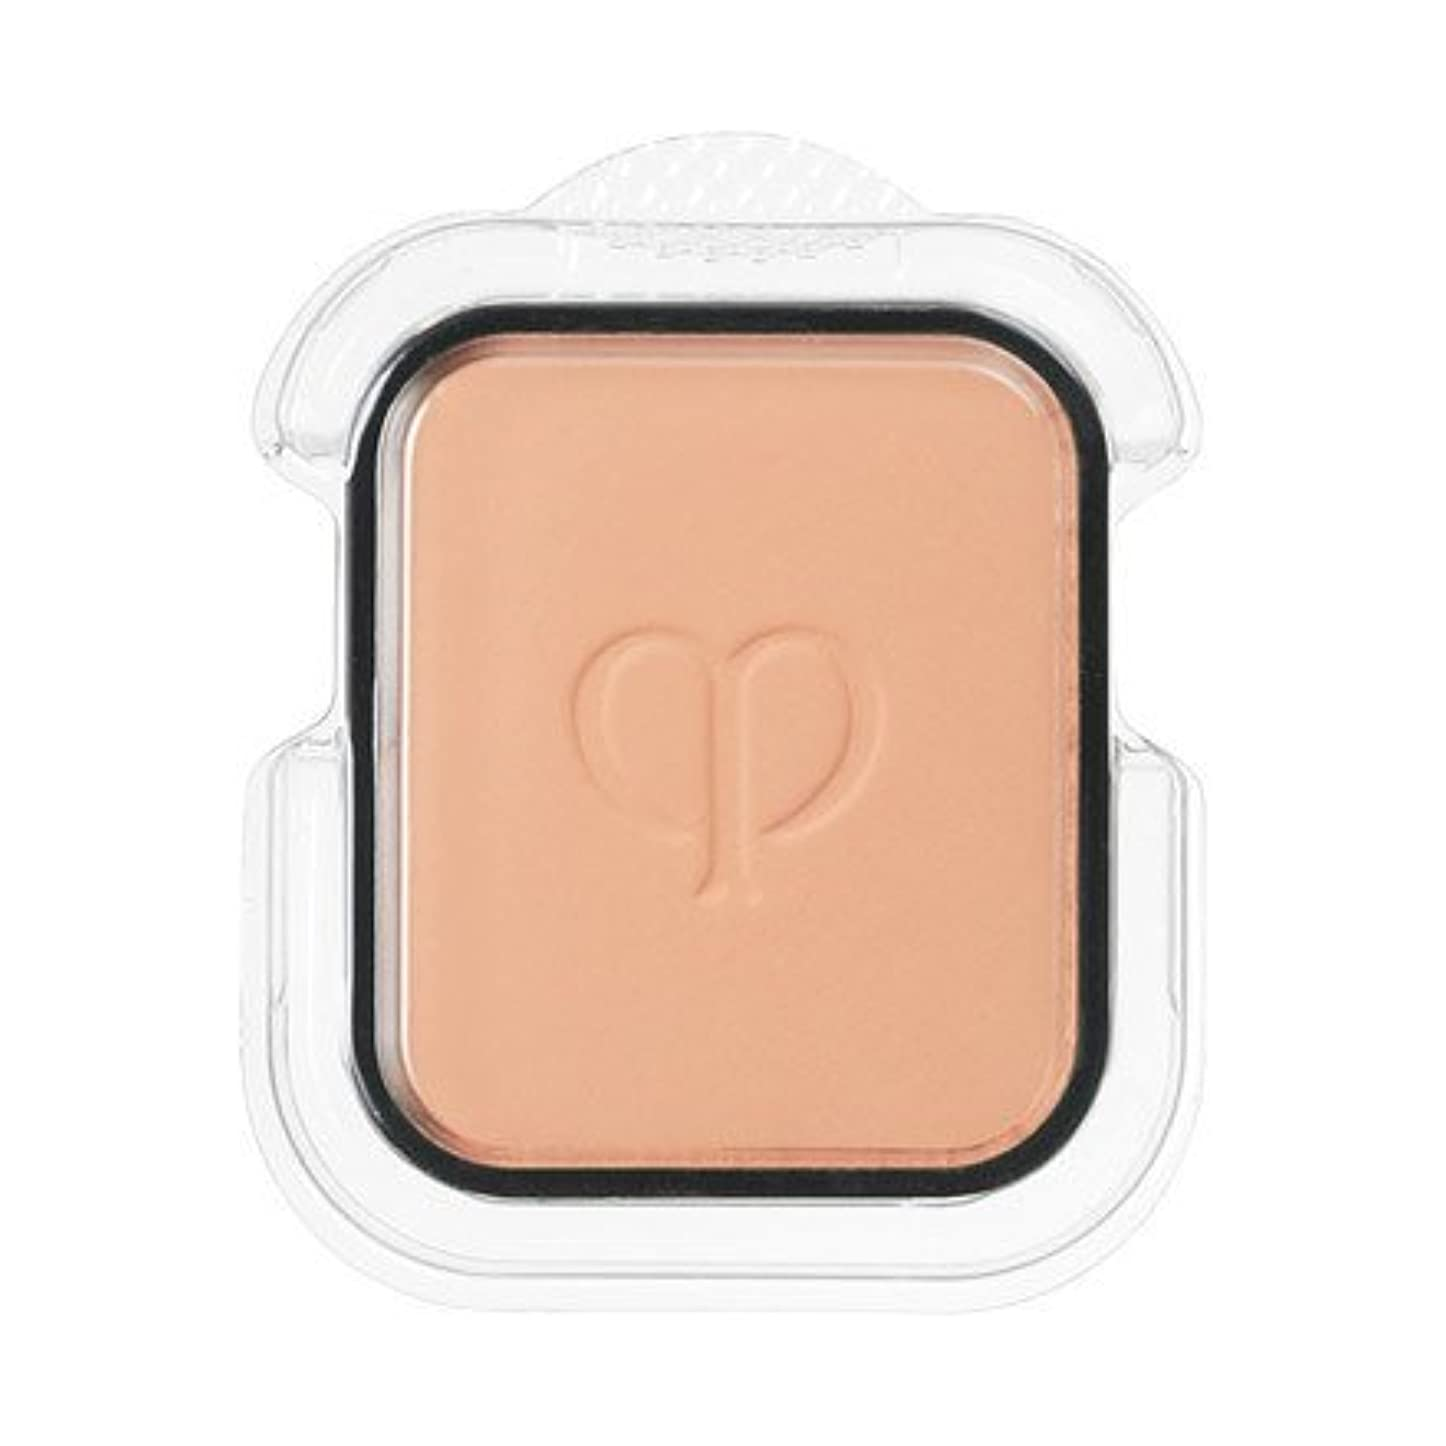 パック運命くしゃくしゃ【SHISEIDO(資生堂)】【Cle de Peau Beaute (クレ?ド?ポー ボーテ) 】タンプードルエクラ (レフィル) ピンクオークル 30